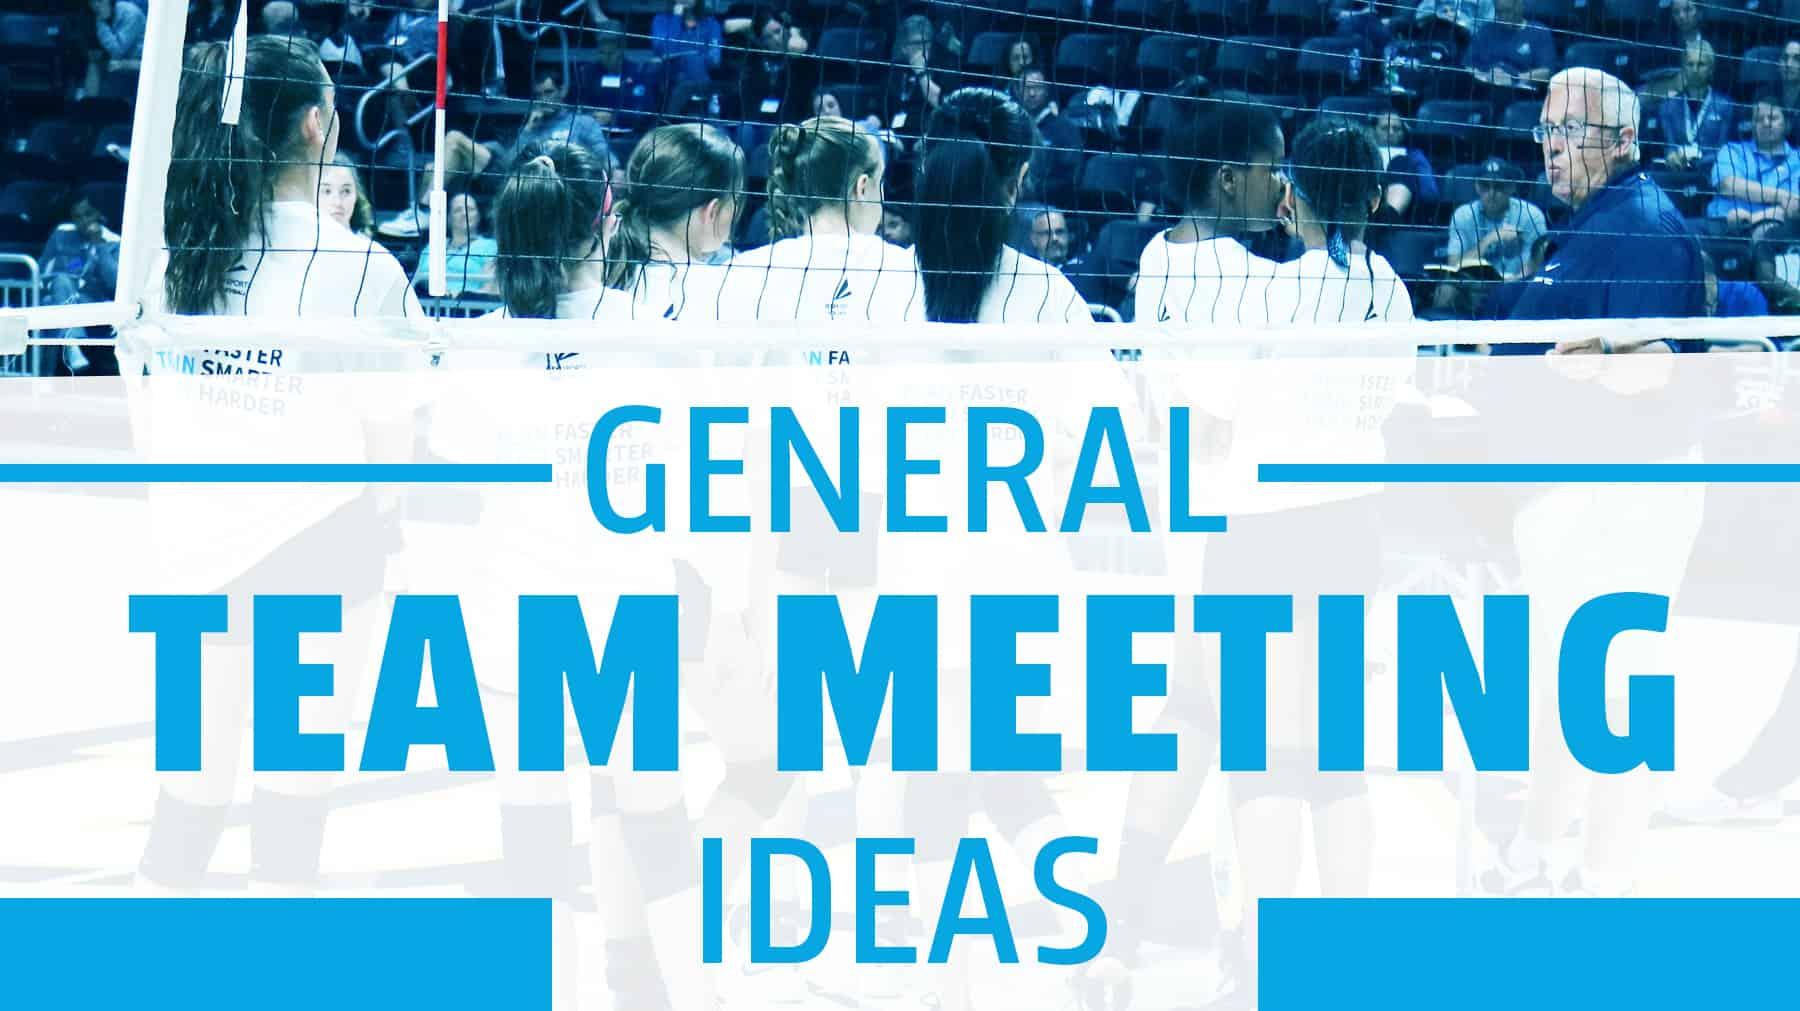 General team meeting ideas